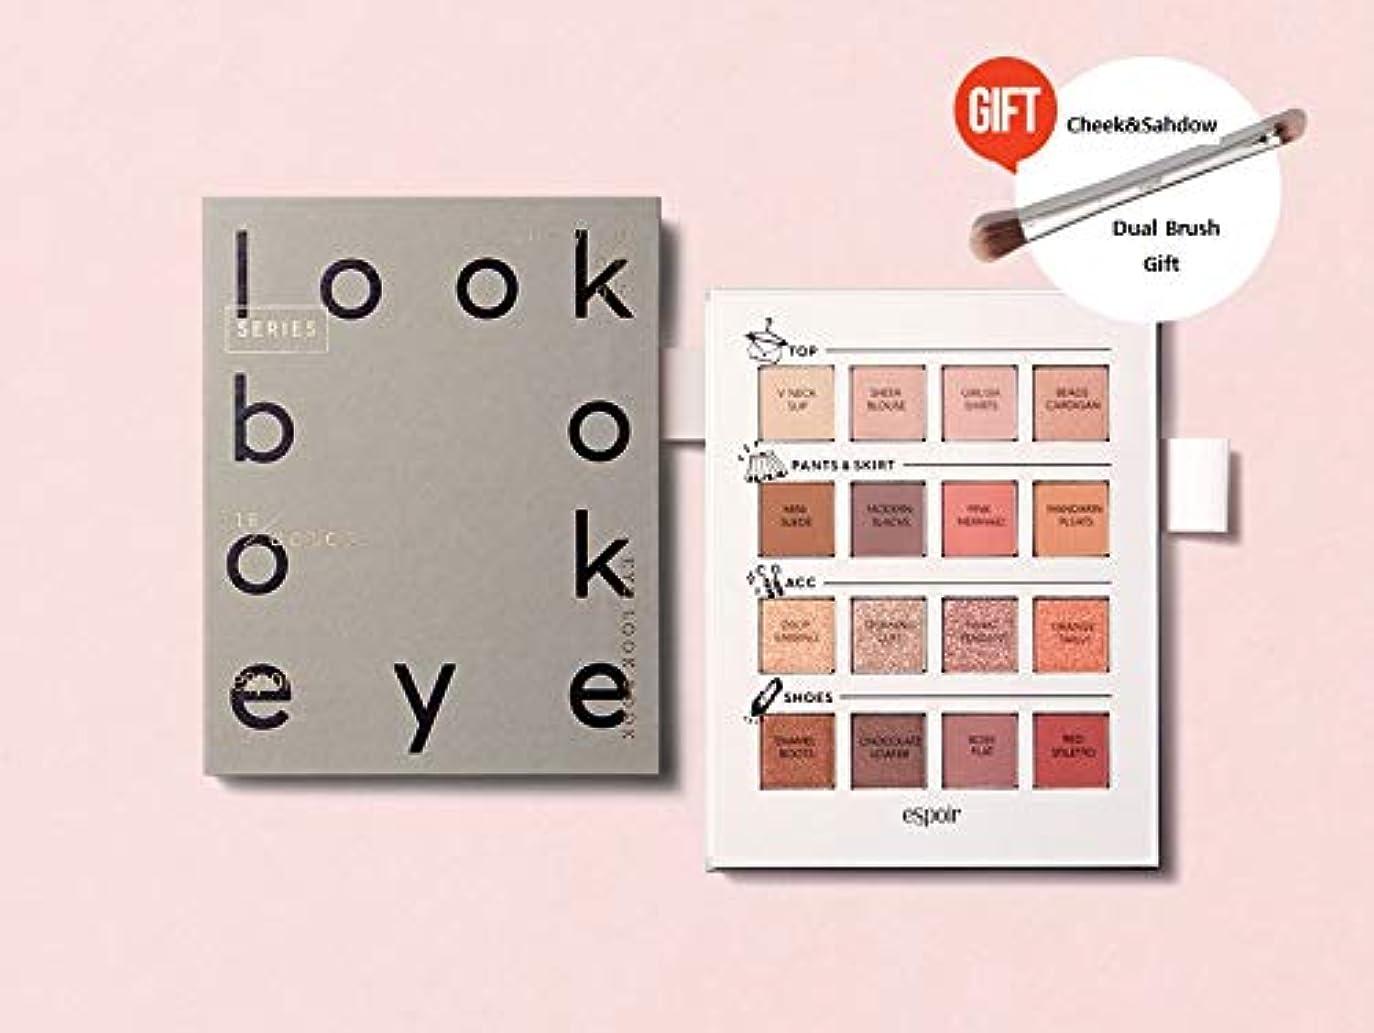 文献お酢認めるeSpoir Eye Look Book 1 (S/S EDITION) エスプア アイ ルック ブック 1 (S/S EDITION) [並行輸入品]